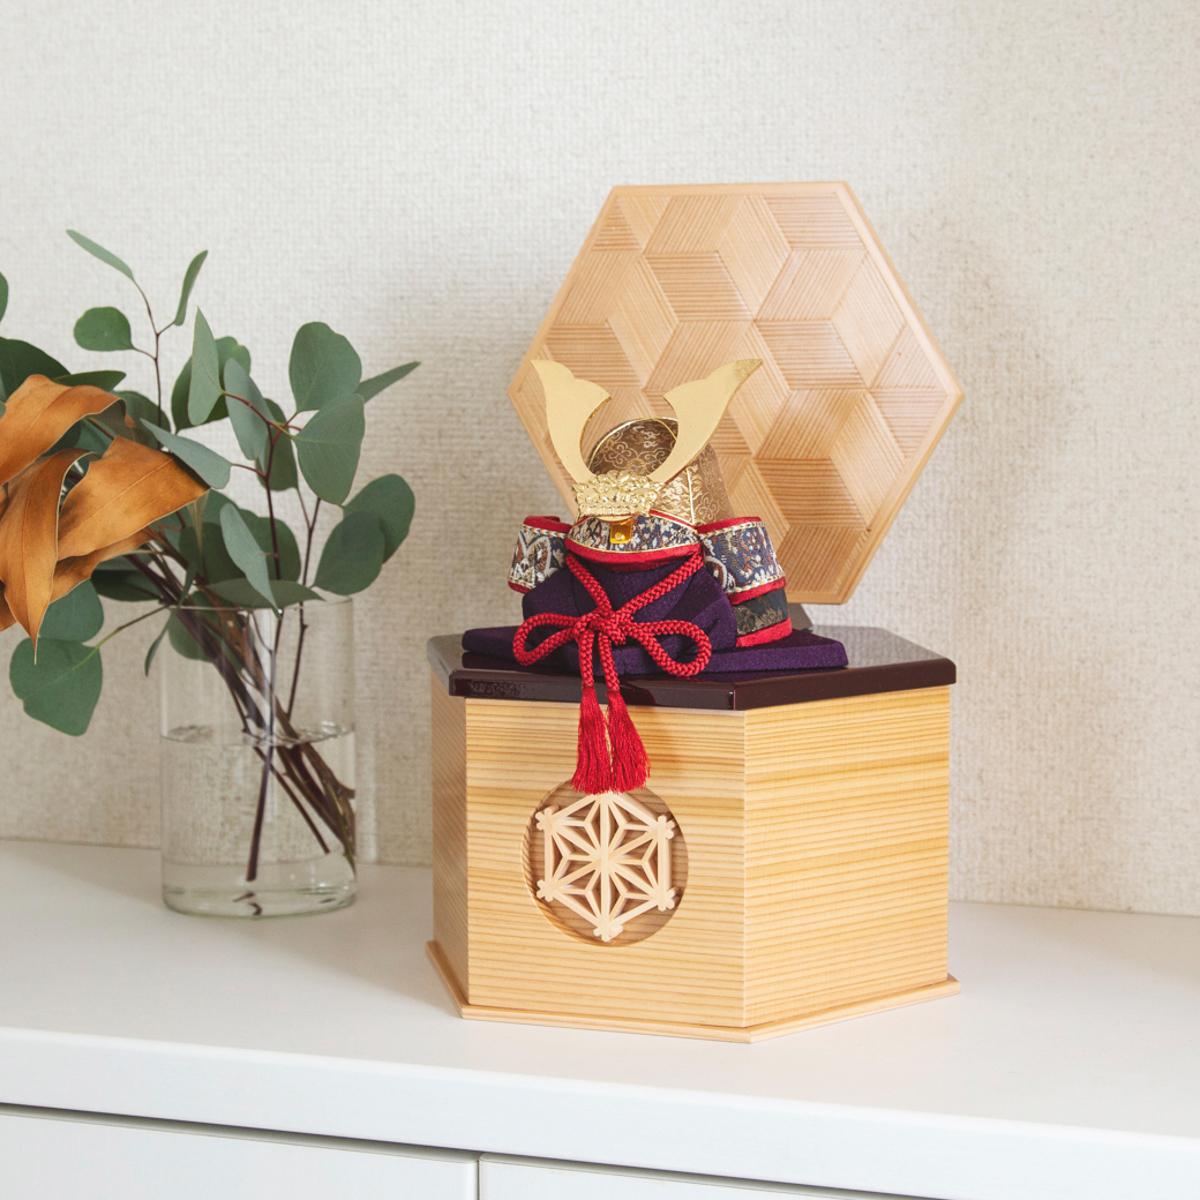 コンパクトサイズの高級五月人形、おすすめ4選|リビングや玄関に飾れる「プレミアム・コンパクト」